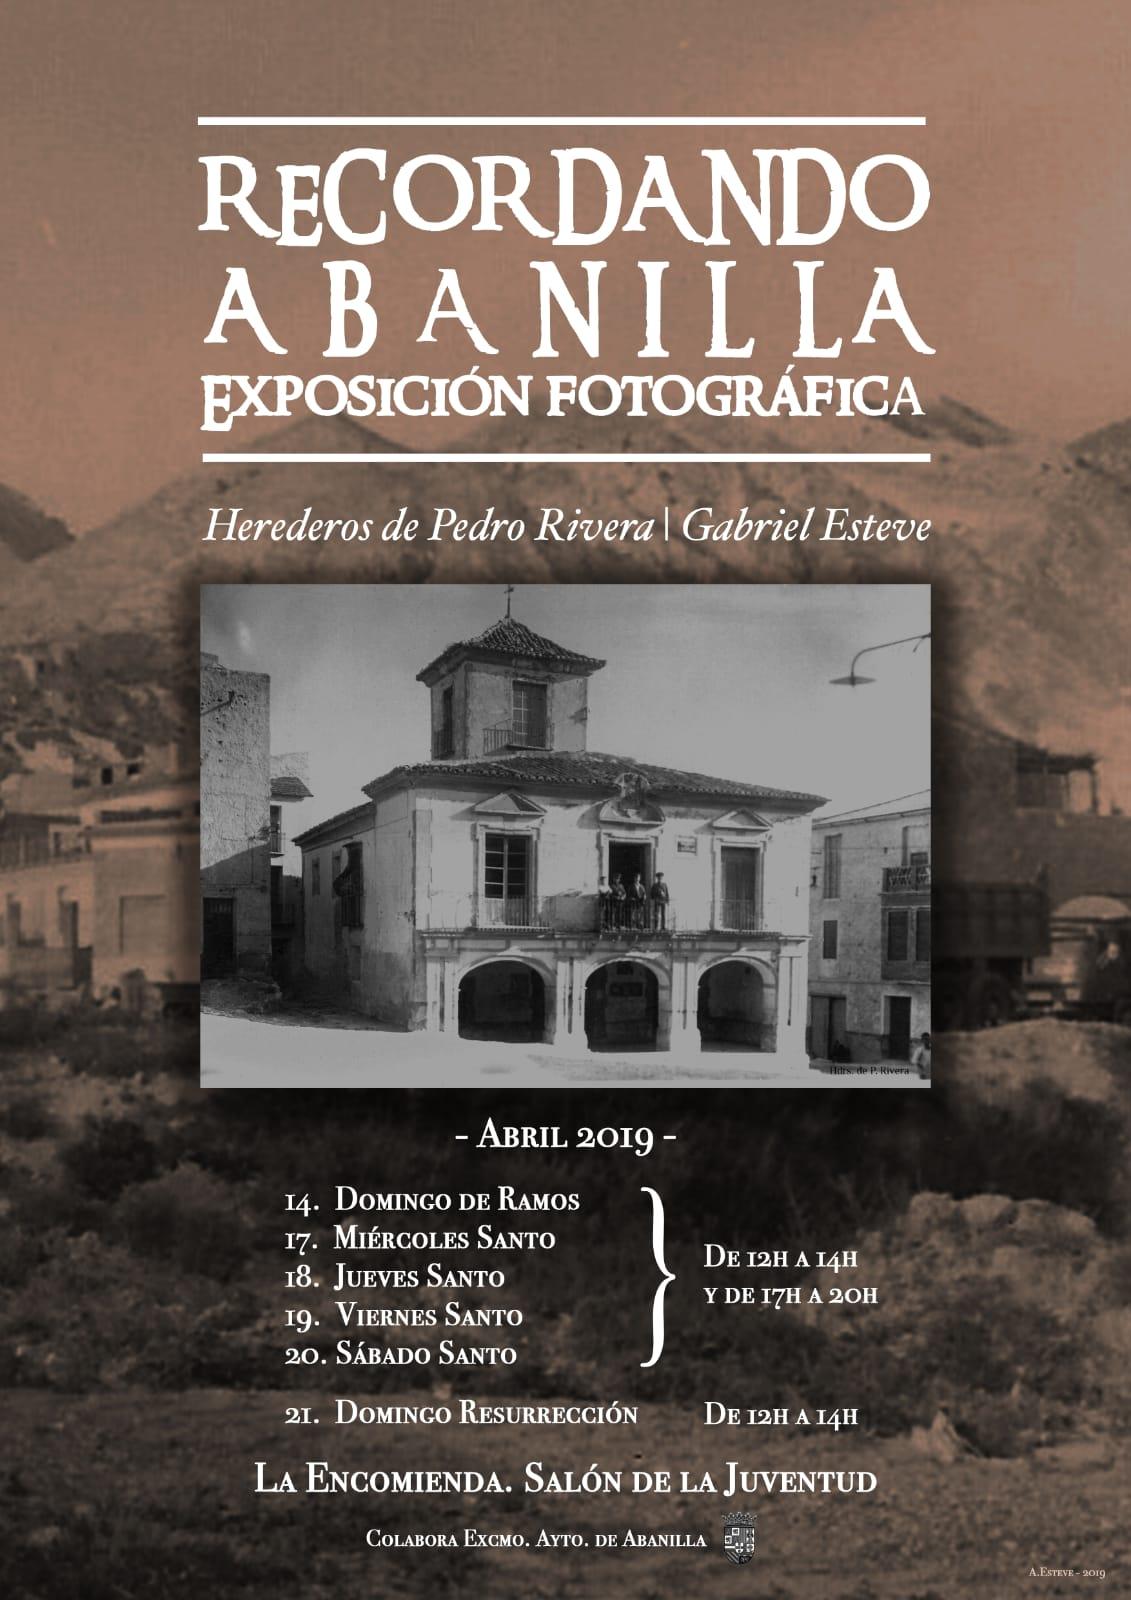 Exposición fotográfica recordando Abanilla